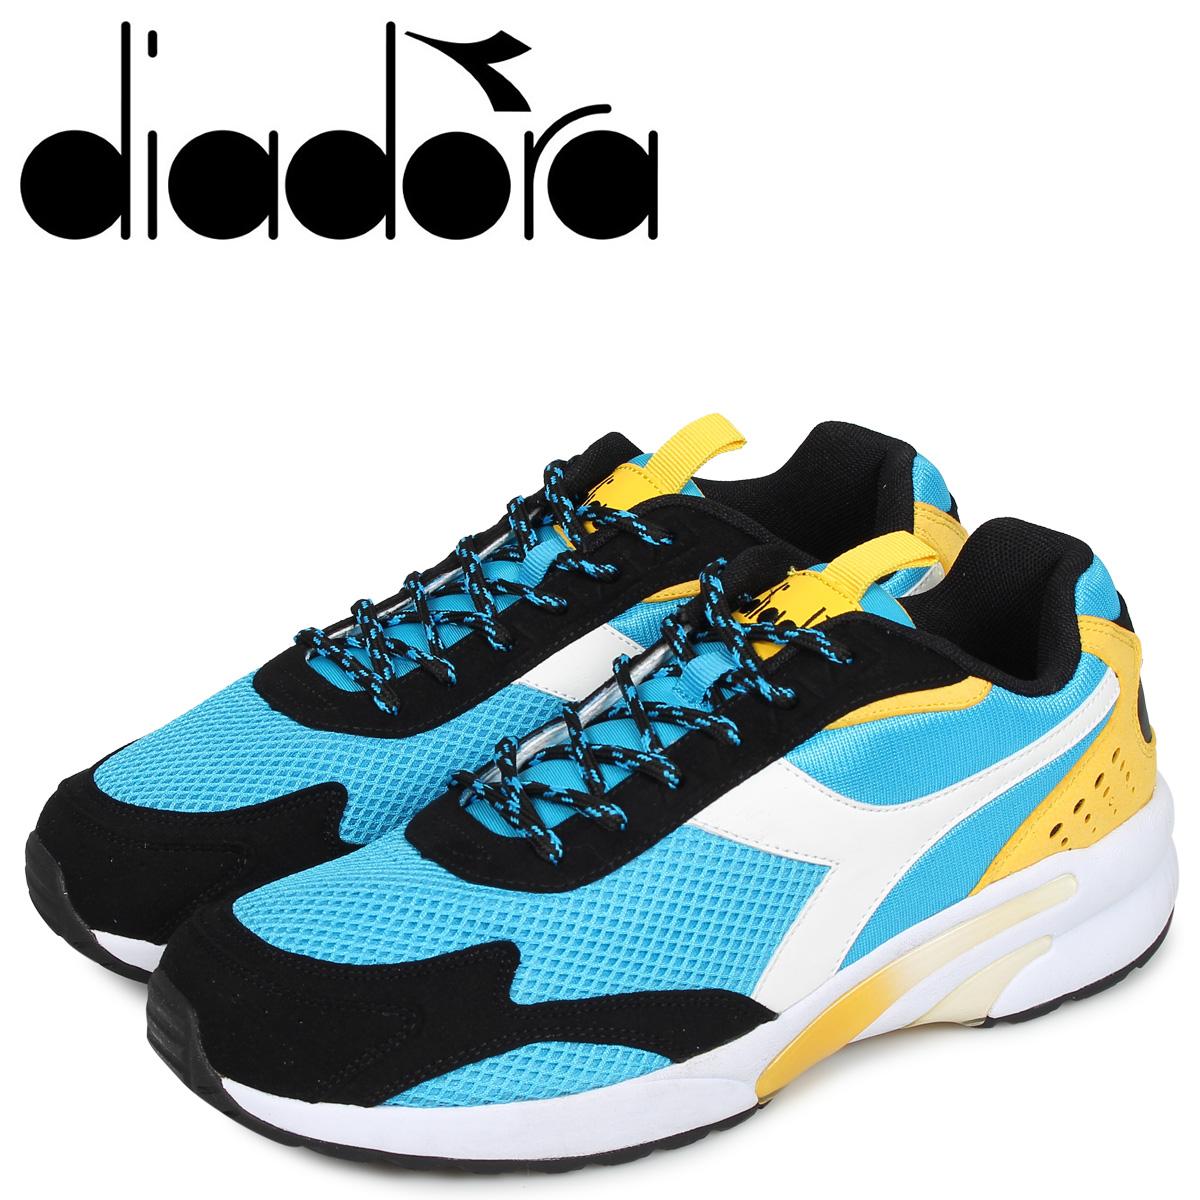 Diadora ディアドラ ディスタンス 280 スニーカー メンズ DISTANCE 280 ブルー 175099-5099